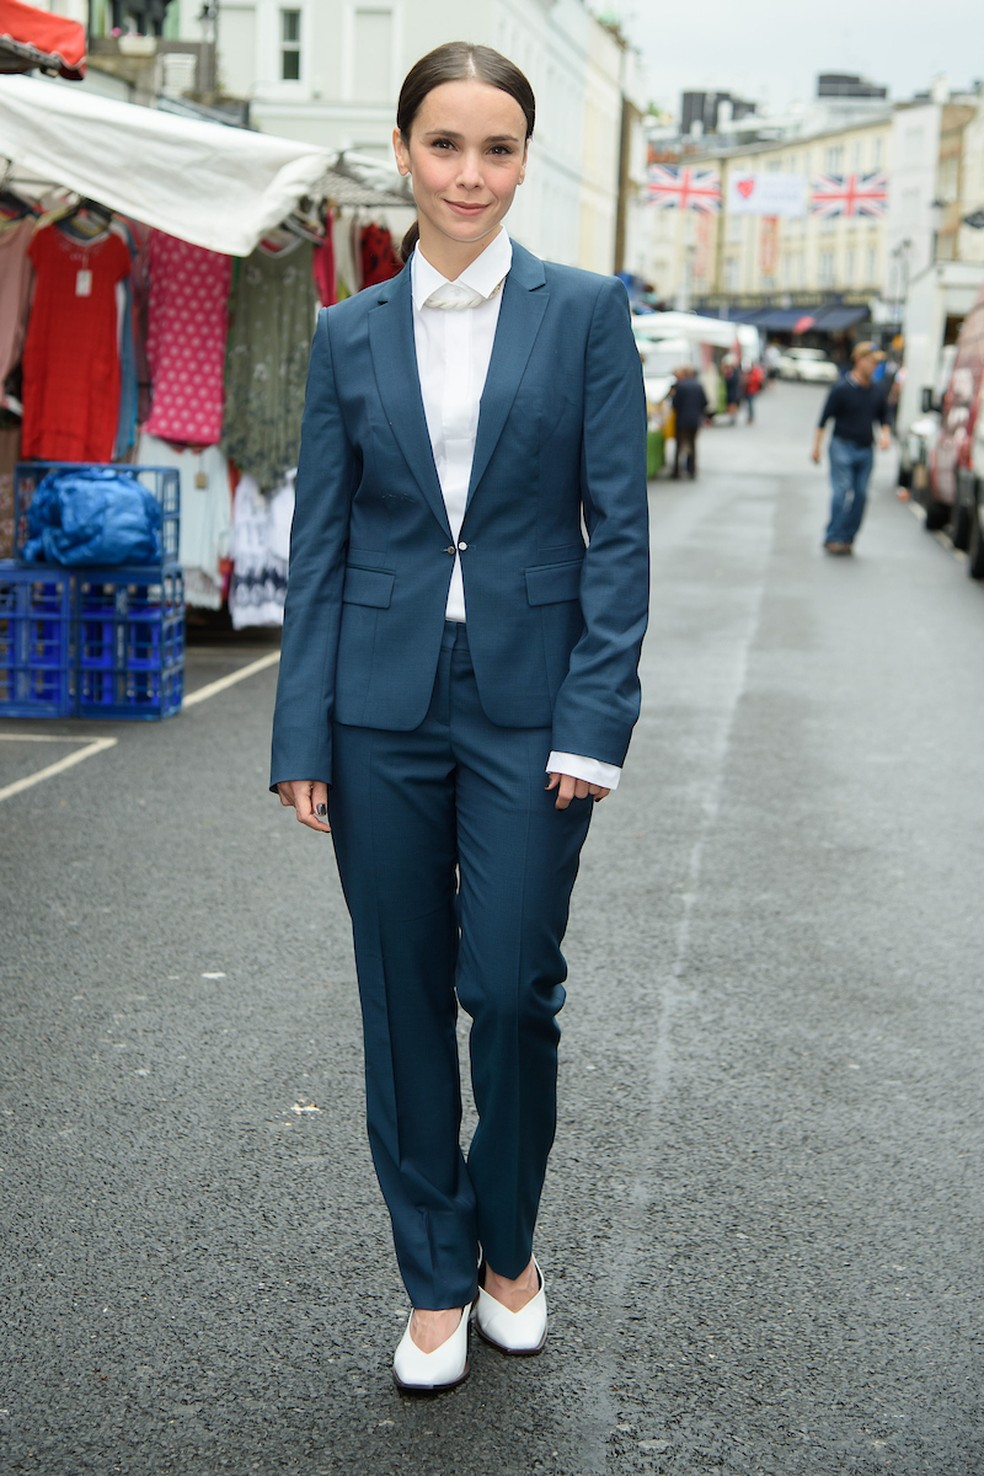 Débora Falabella clicada numa rua de Notting Hill, onde aconteceu a première de 'Aruanas', em Londres — Foto: Joanne Davidson/Globo